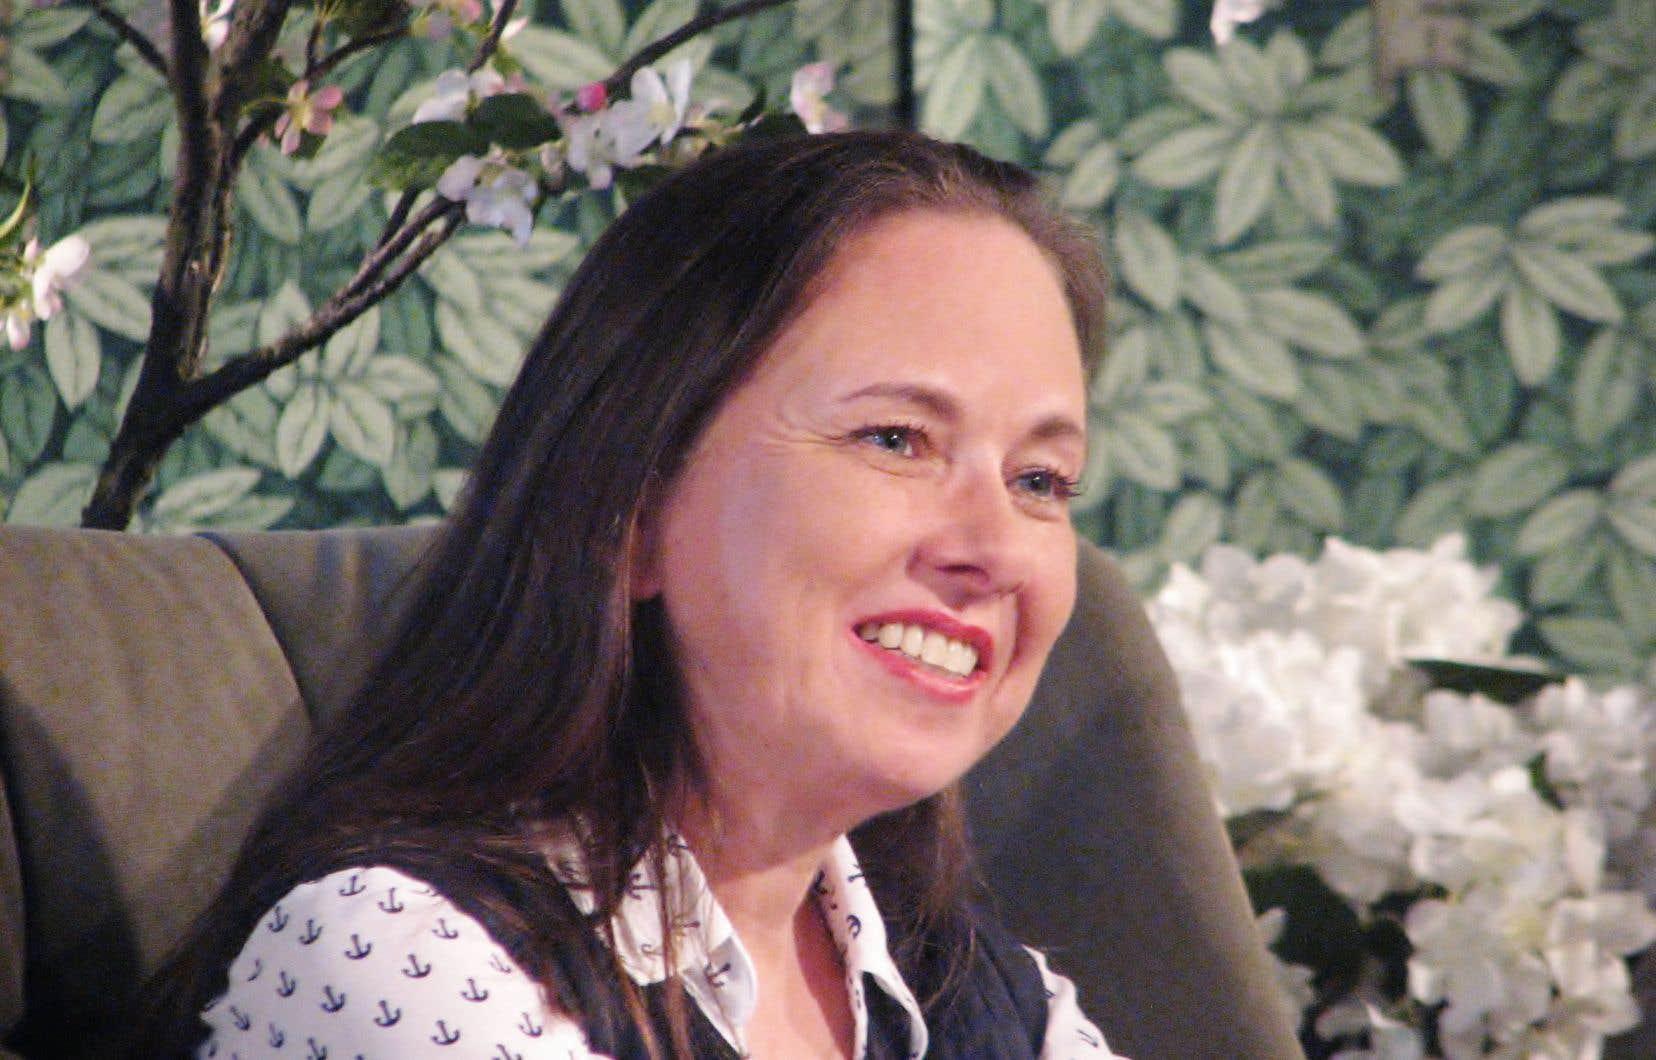 La romancière islandaise Yrsa Sigurdardottir joue d'abord la carte de l'ordinaire avant de nous faire plonger dans l'horreur la plus totale.